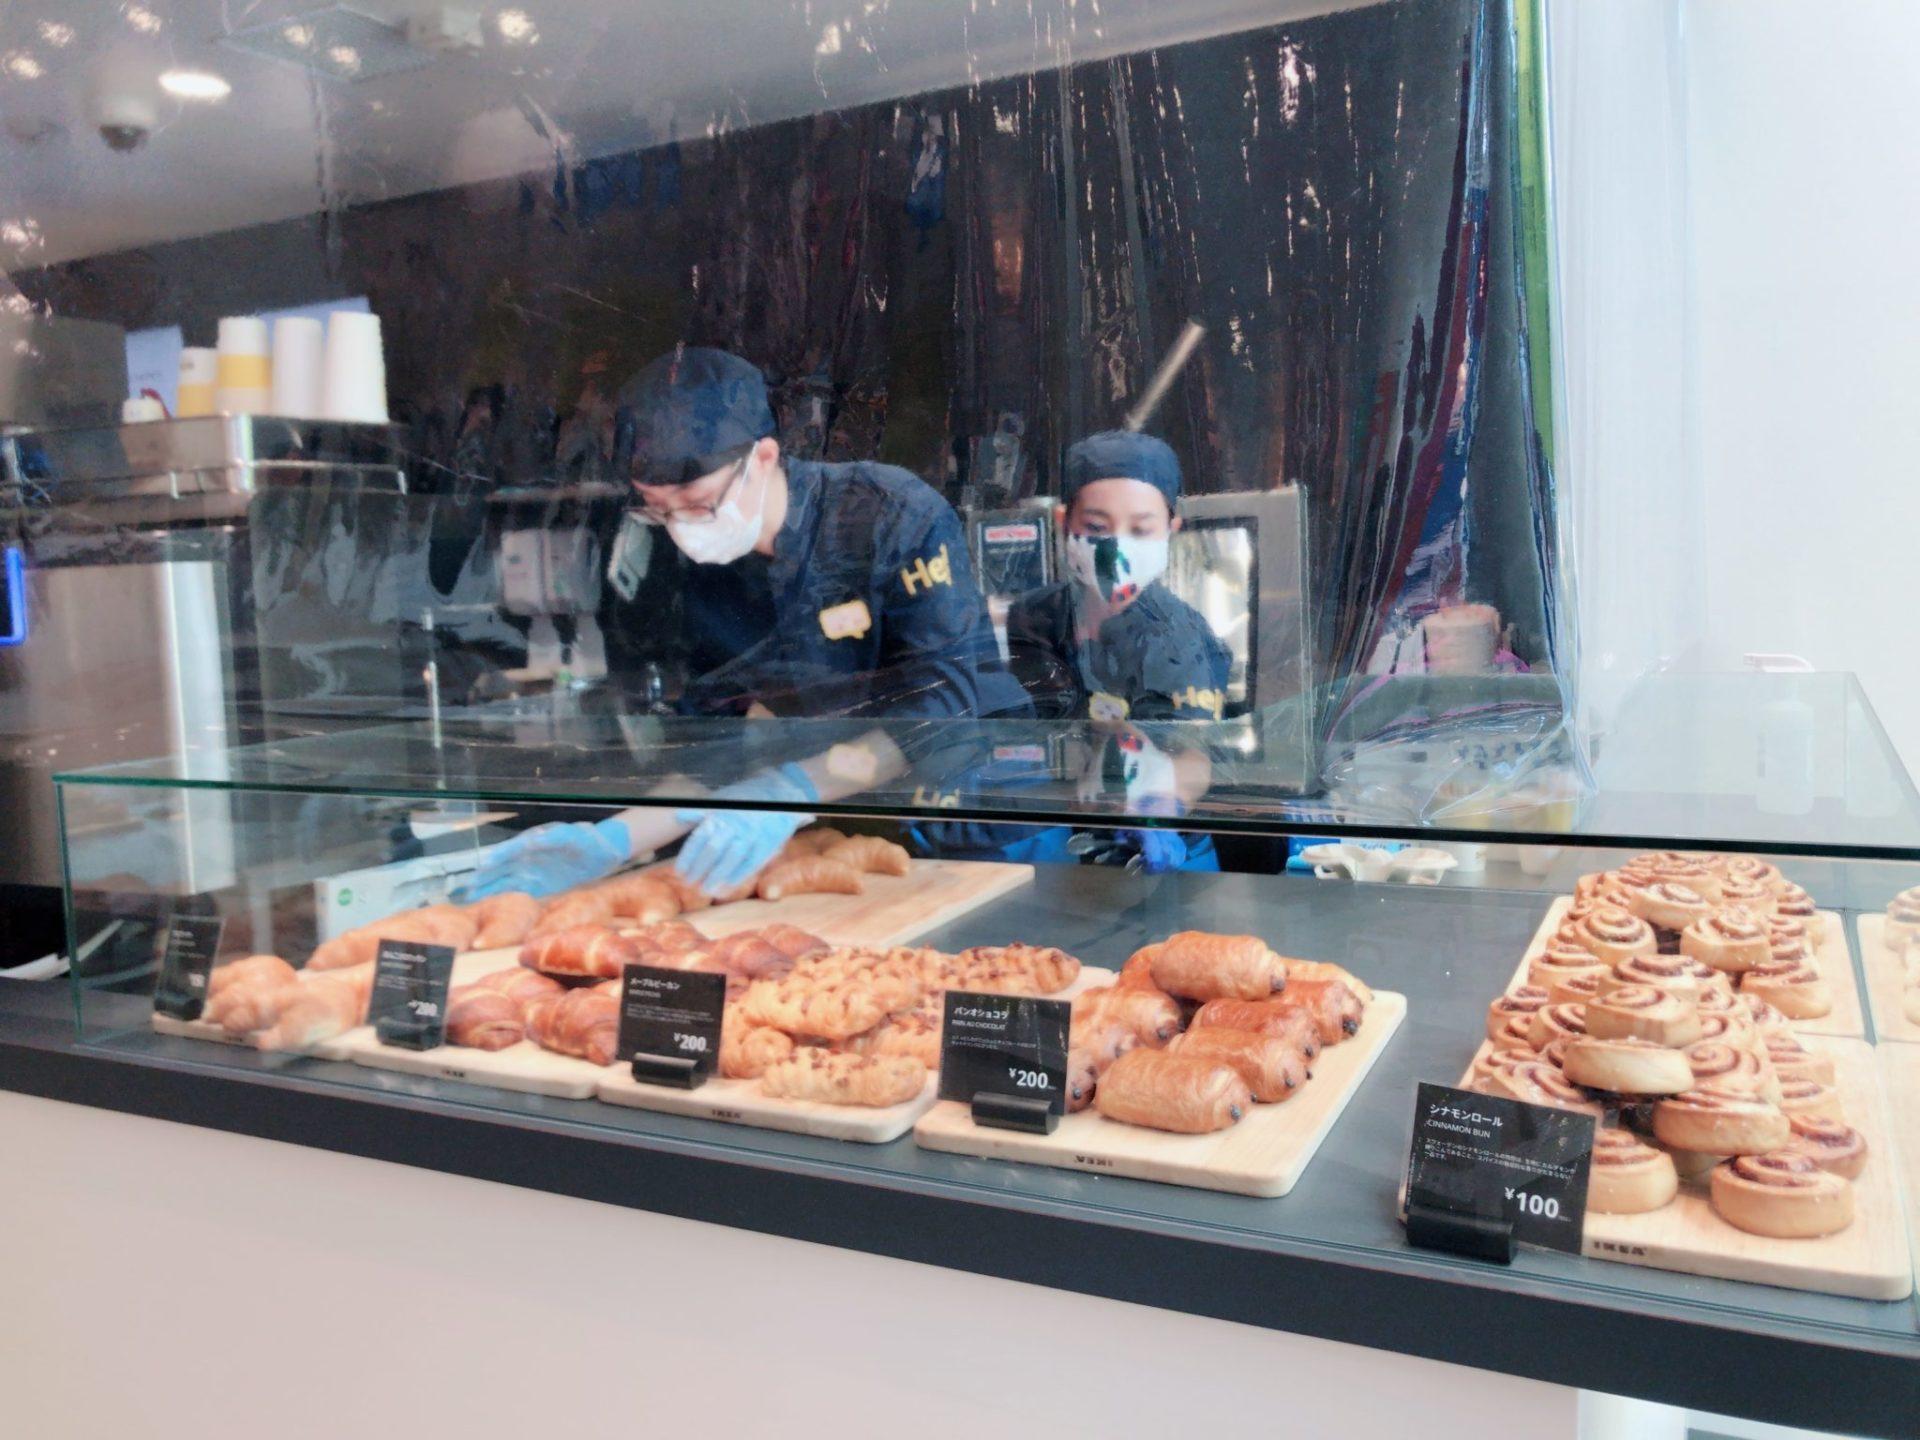 イケア原宿のスウェーデンコンビニのパン